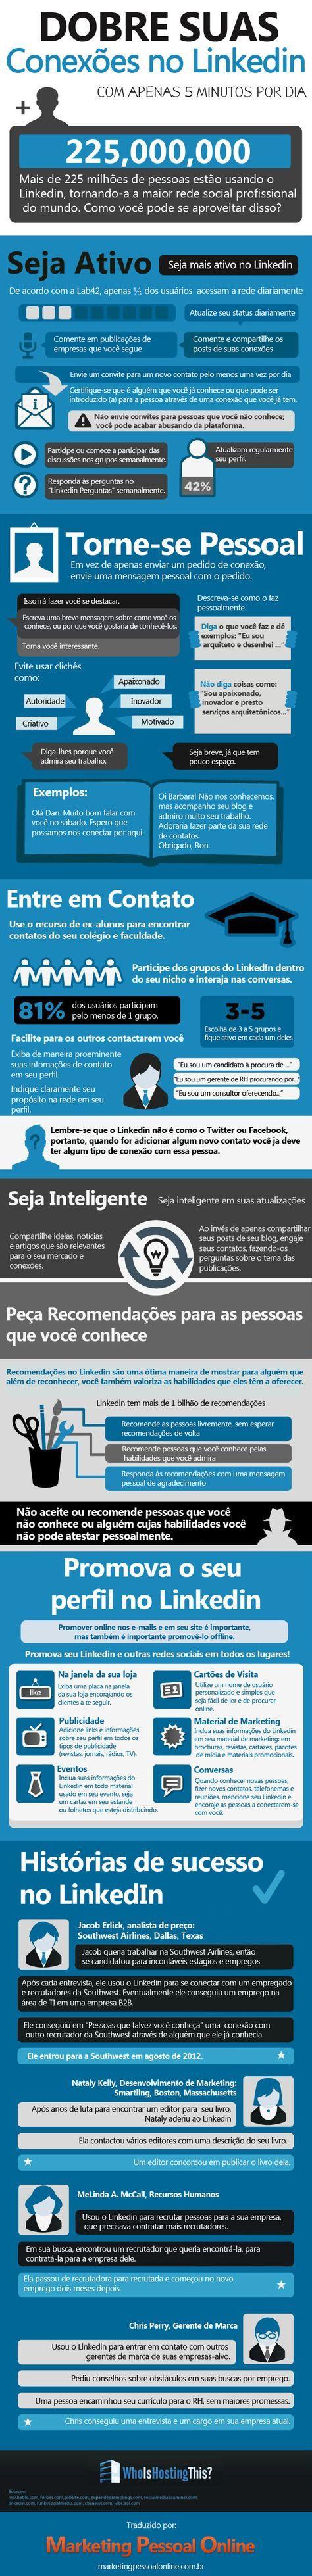 INFOGRÁFICO – Como dobrar suas conexões no Linkedin com apenas cinco minutos por dia | Marketing Pessoal Online